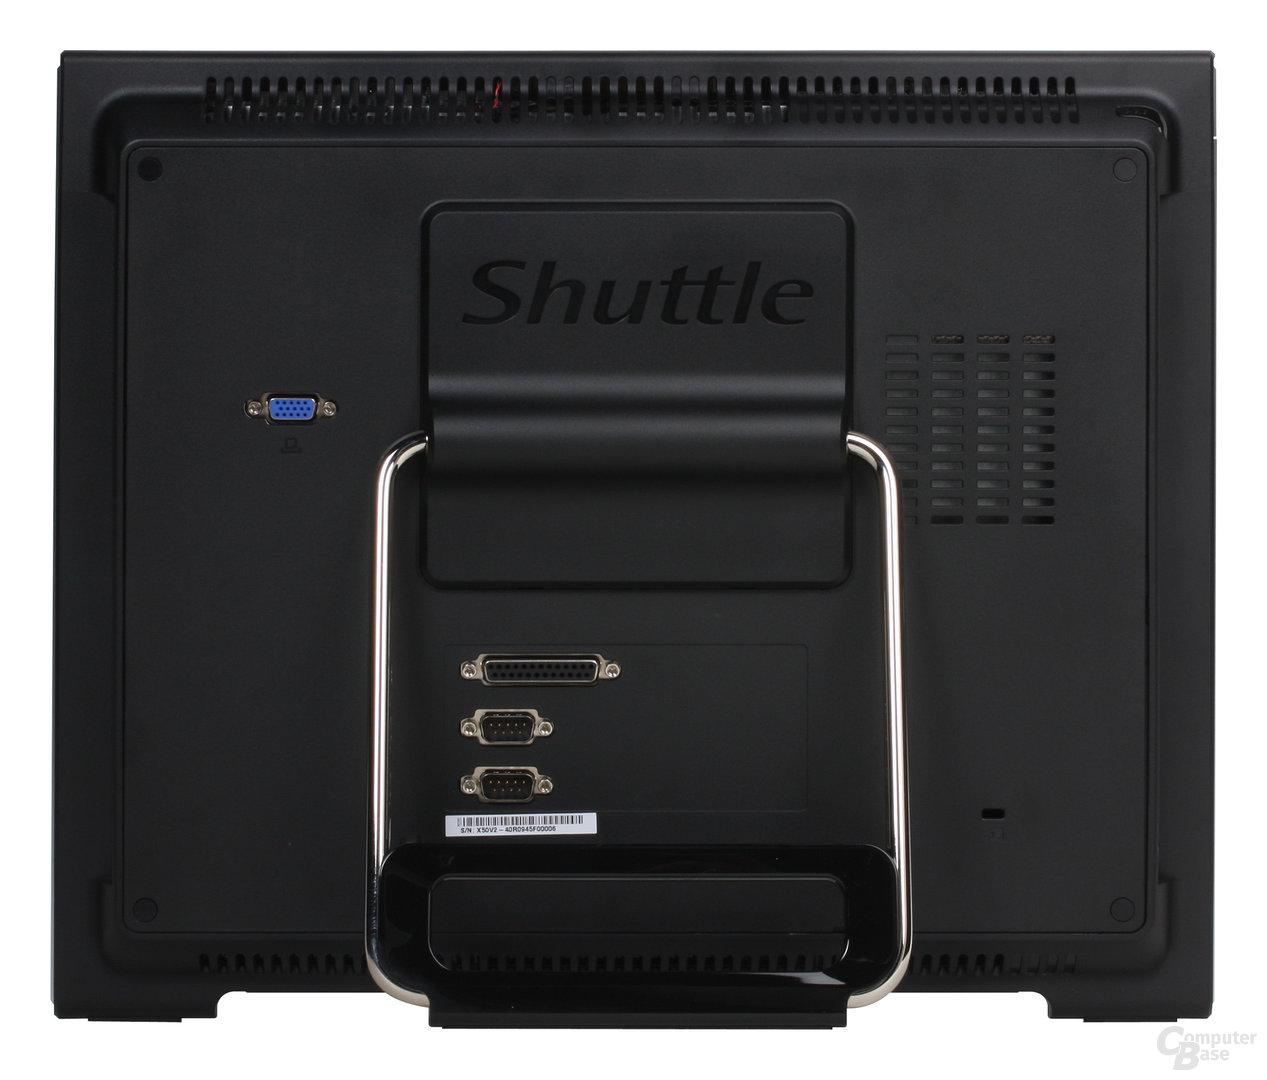 Shuttle X50V2 Barebone